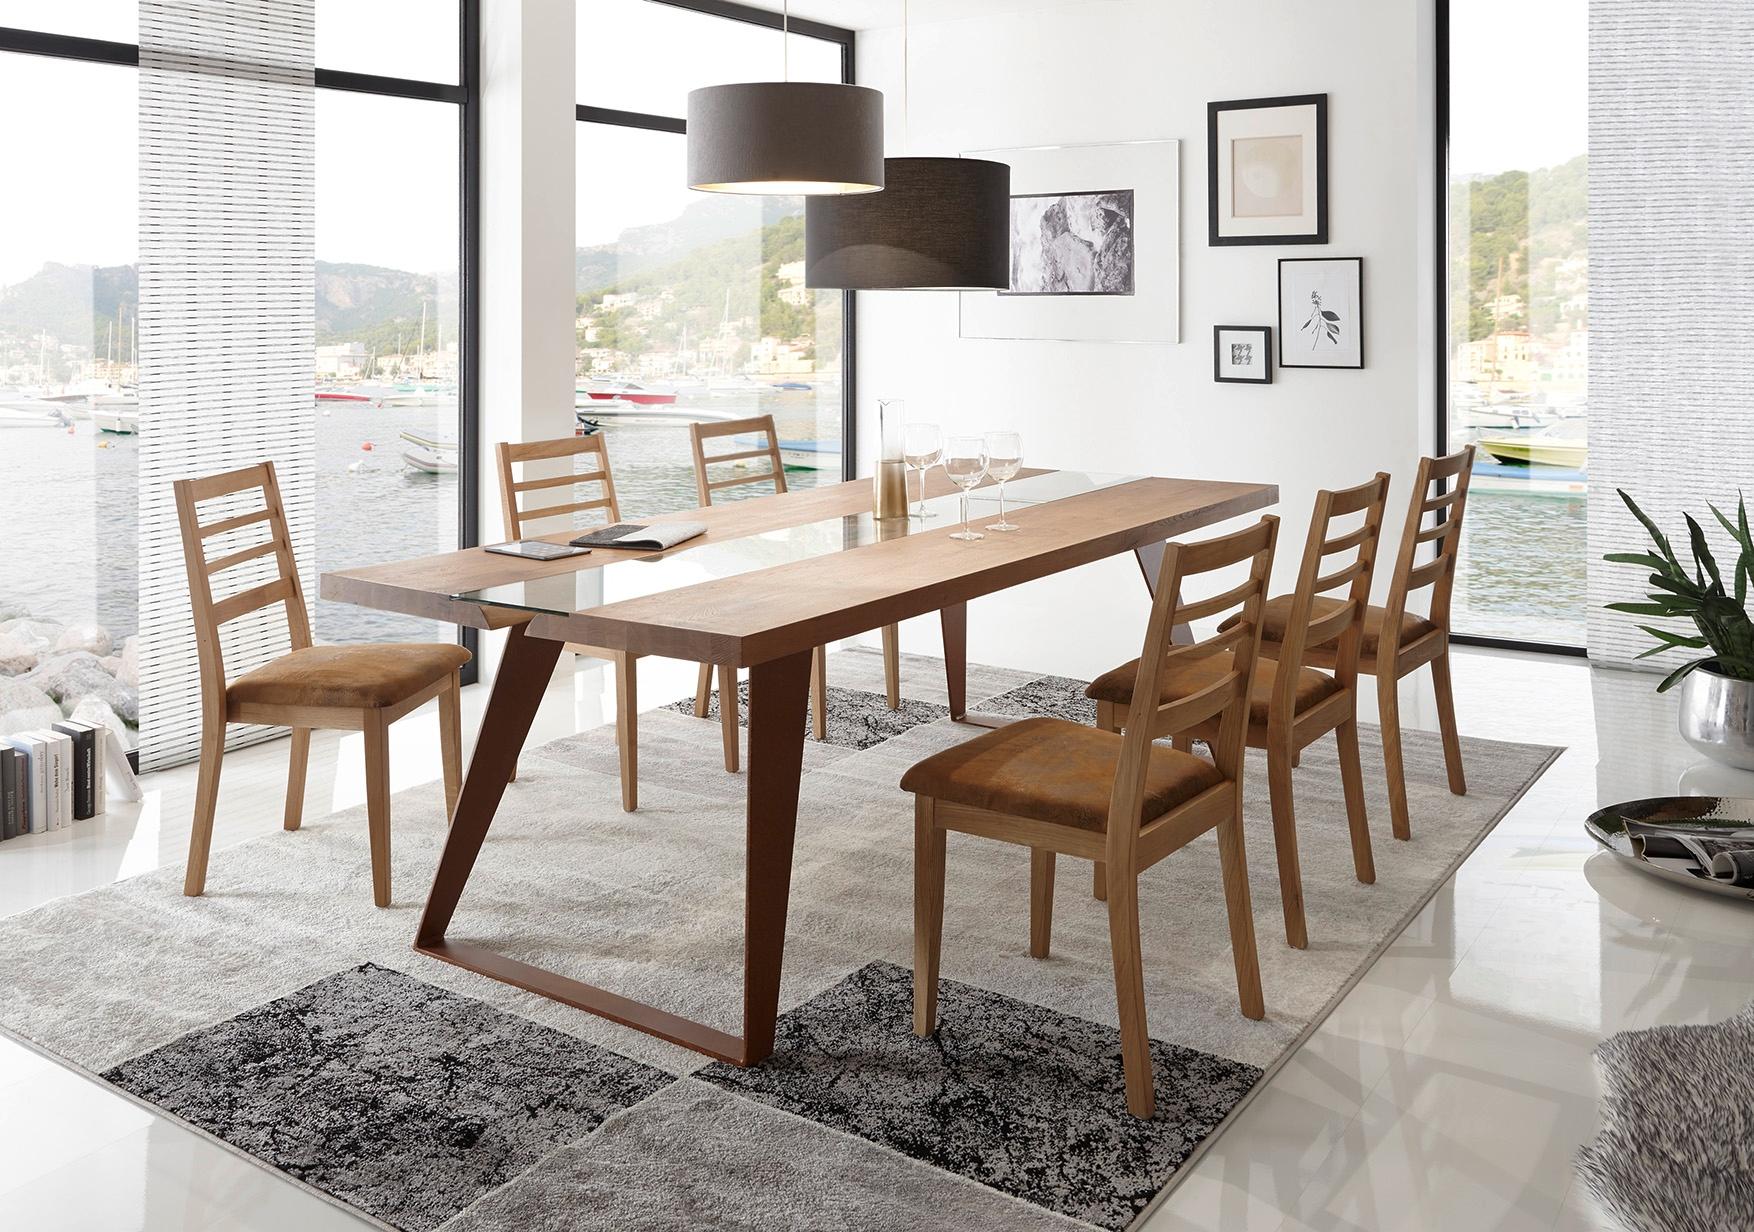 Tavolo in legno massello e gambe in metallo - Tavoli a ...